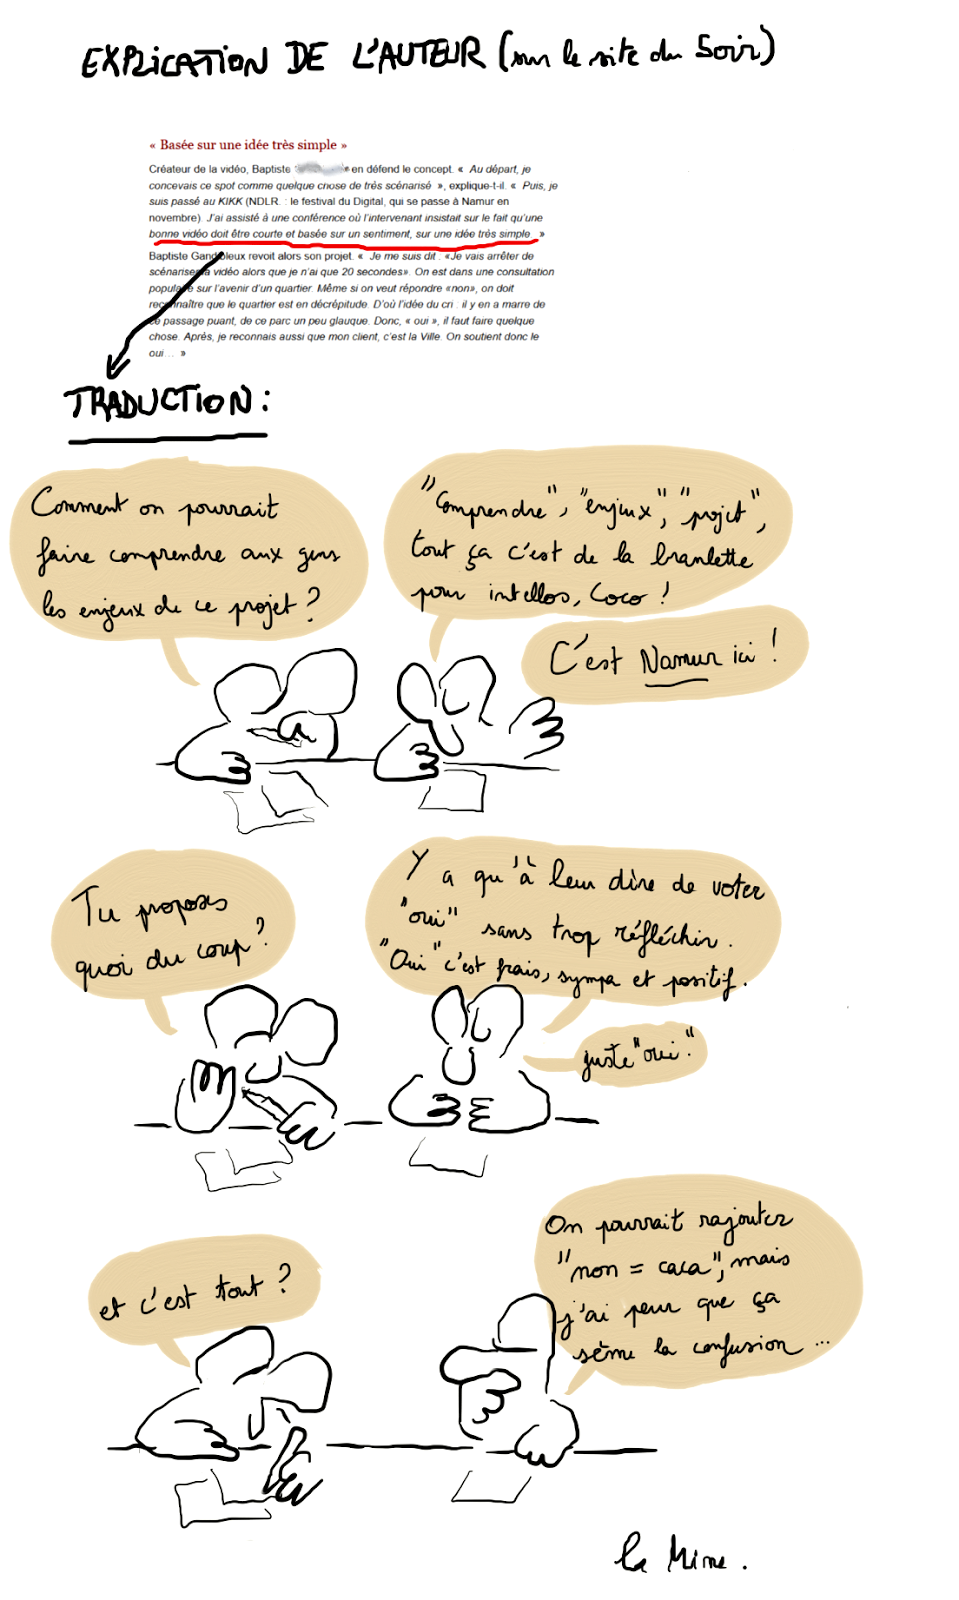 http://lesoiseux.blogspot.be/p/bonul.html